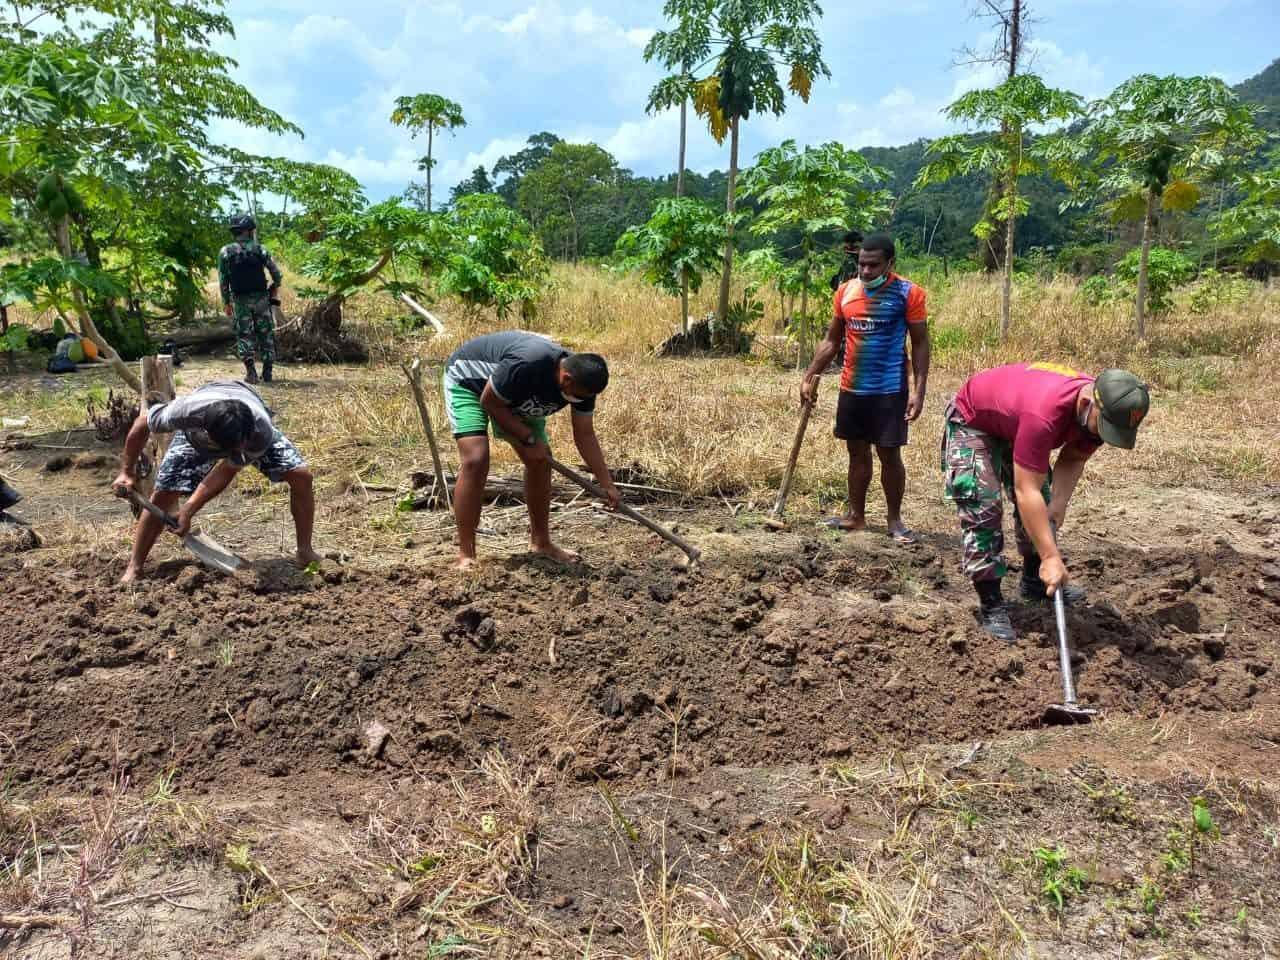 Dukung Ketahanan Pangan, Satgas Yonif 131/Brs dan Masyarakat Buat Kebun Sayuran di Papua